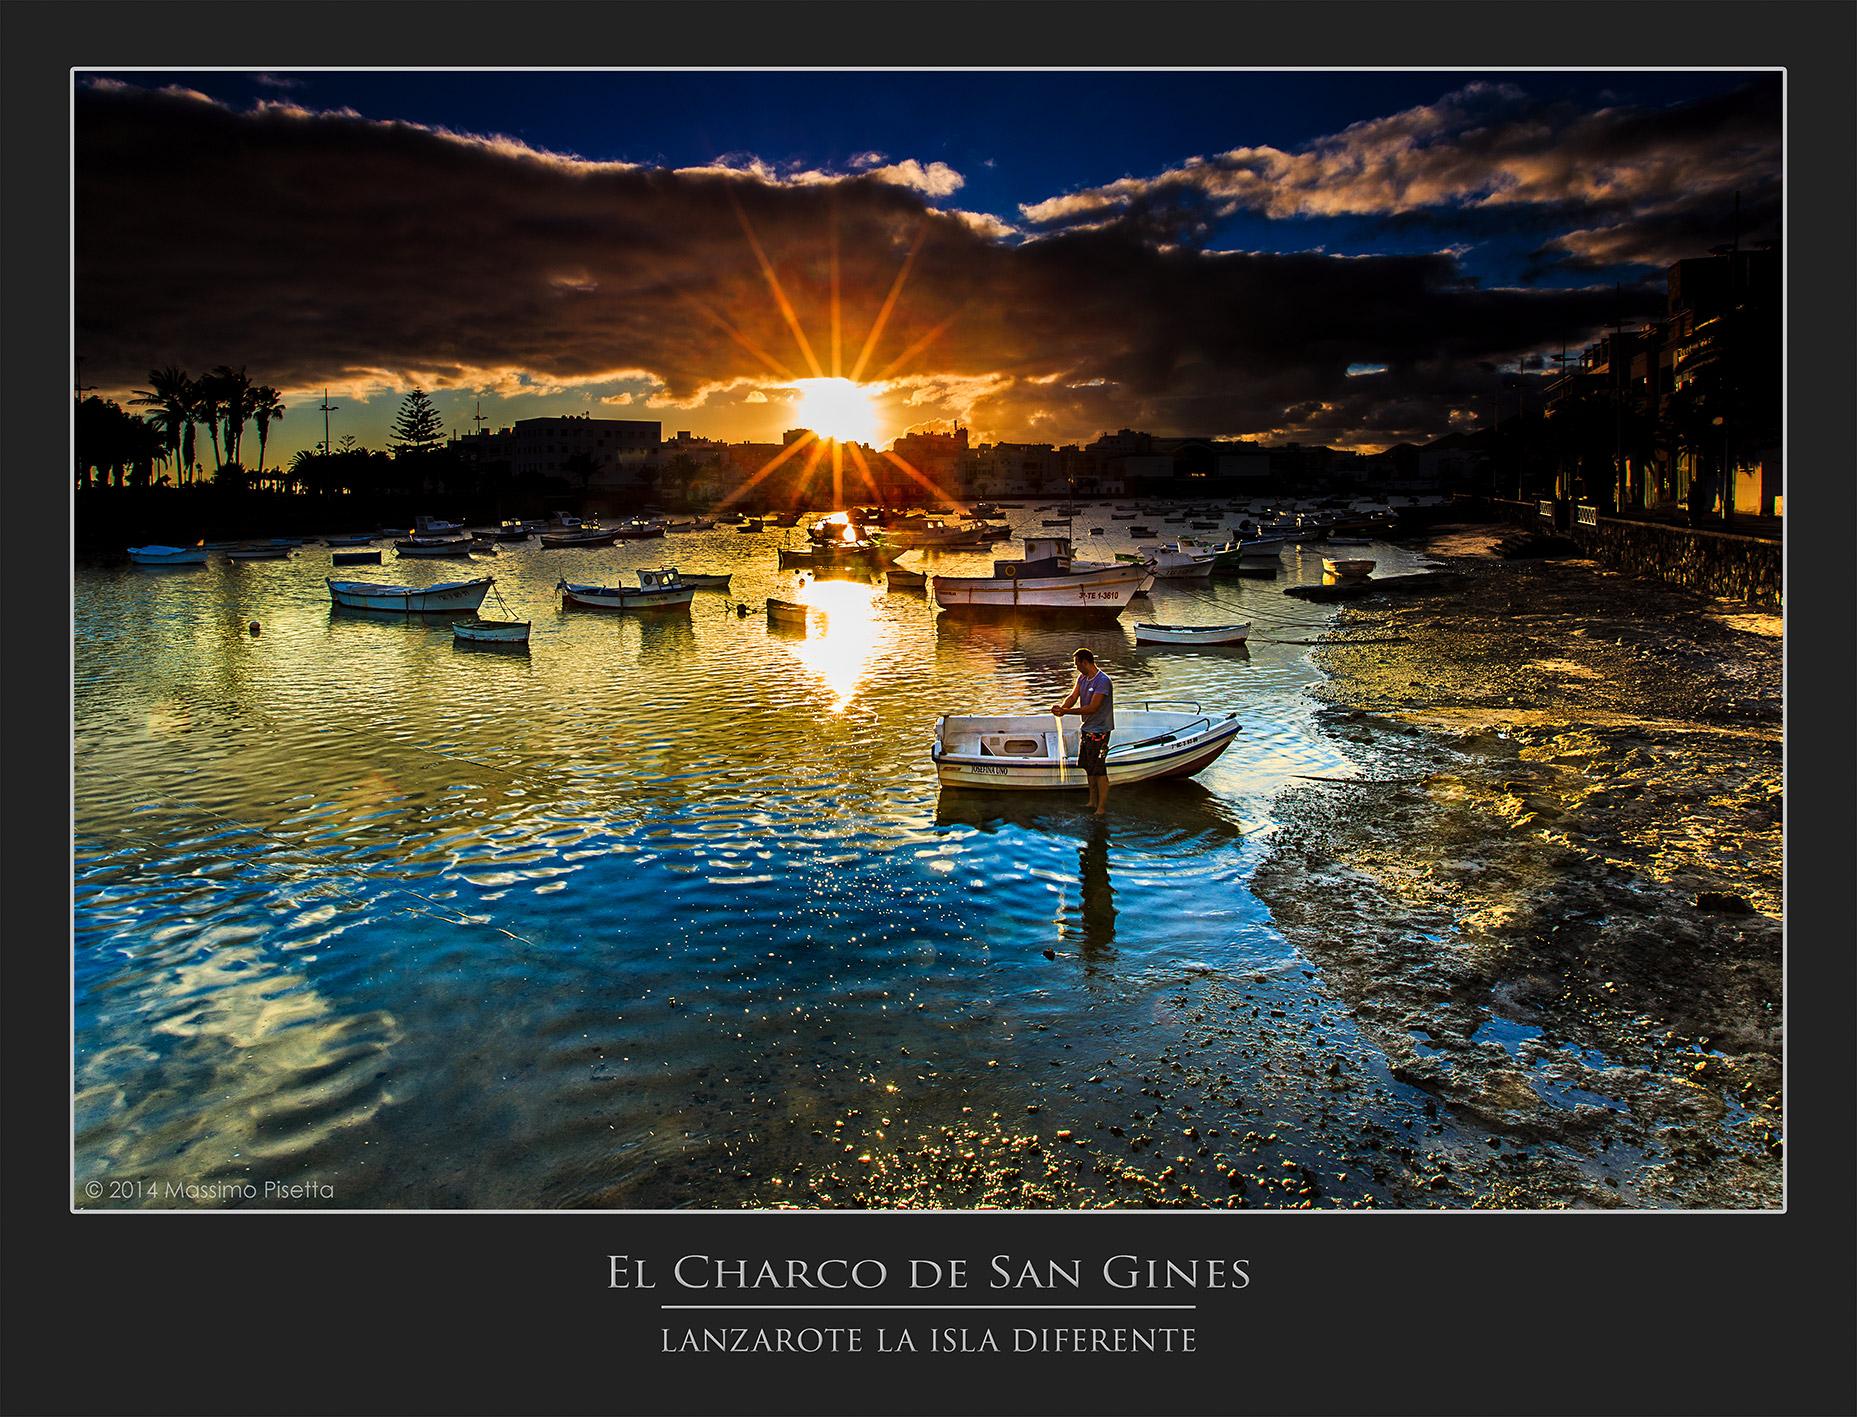 El Charco de San Gines